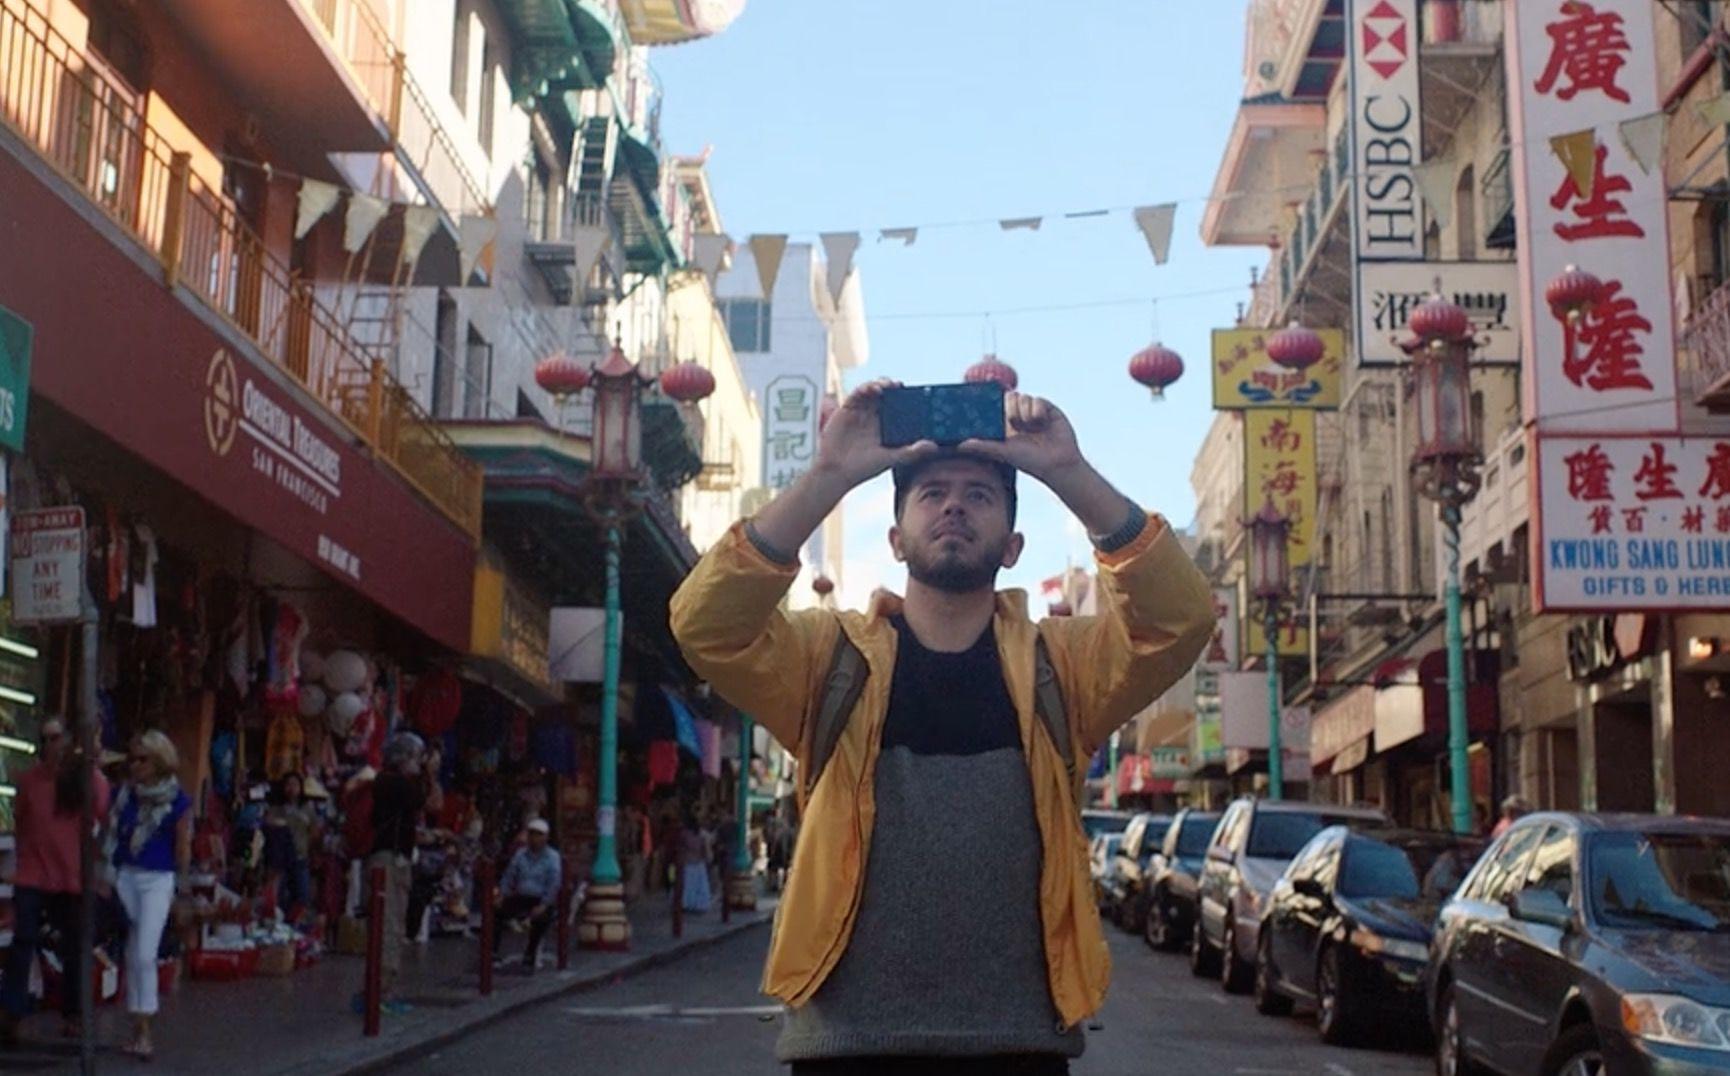 レンズはなんと16個!?撮影後に「ボカシ」が入る高機能カメラ